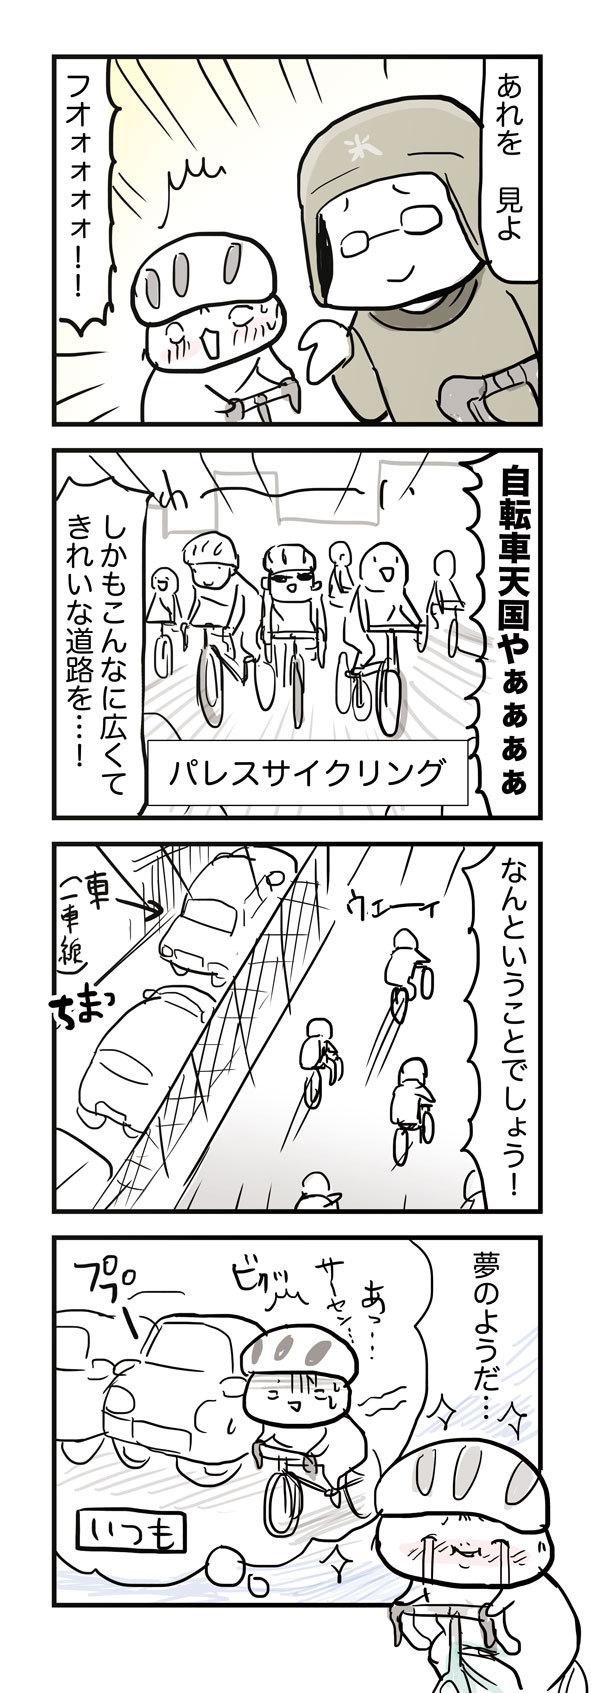 38パレスサイクリング2